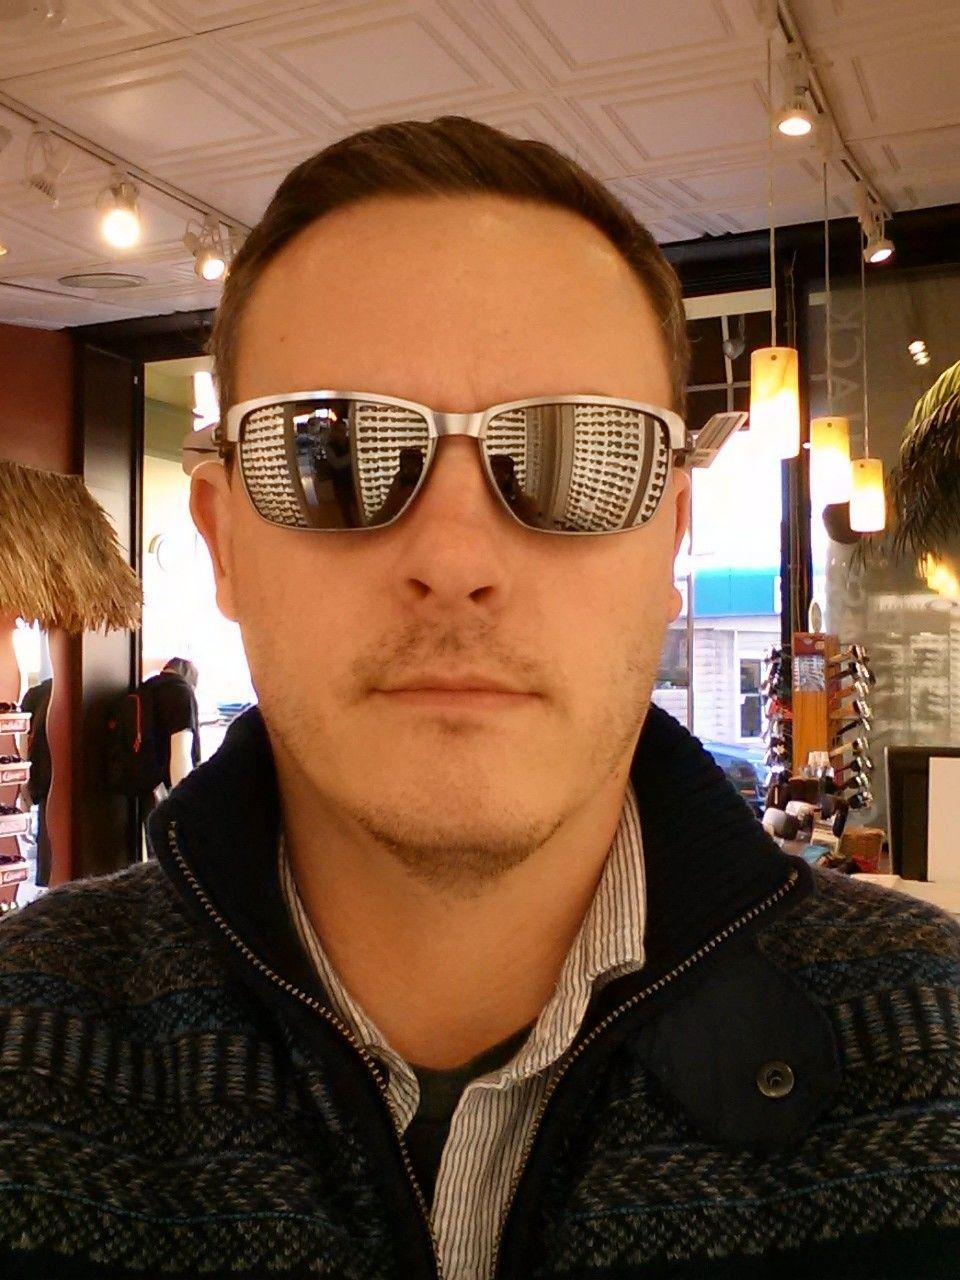 Oculos Oakley Tincan. Óculos de Sol Oakley Tincan Polarizado Preto - Compre  Agora   Kanui Brasil 43635000d9